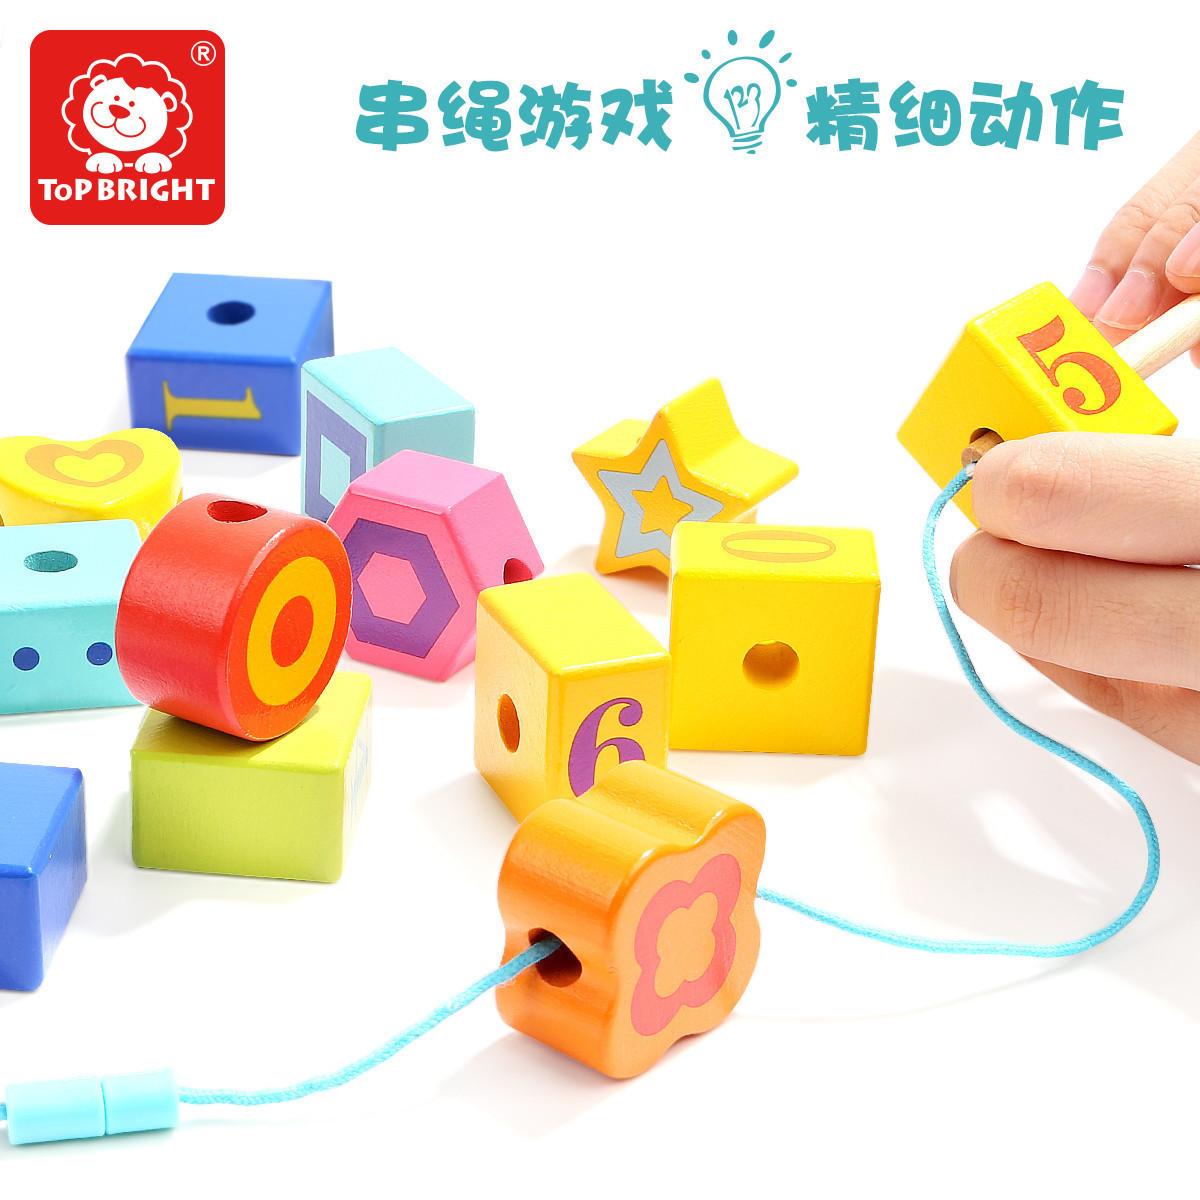 特宝儿早教串珠玩具积木玩具益智1-2周岁3岁婴幼儿玩具积木,可领取5元天猫优惠券